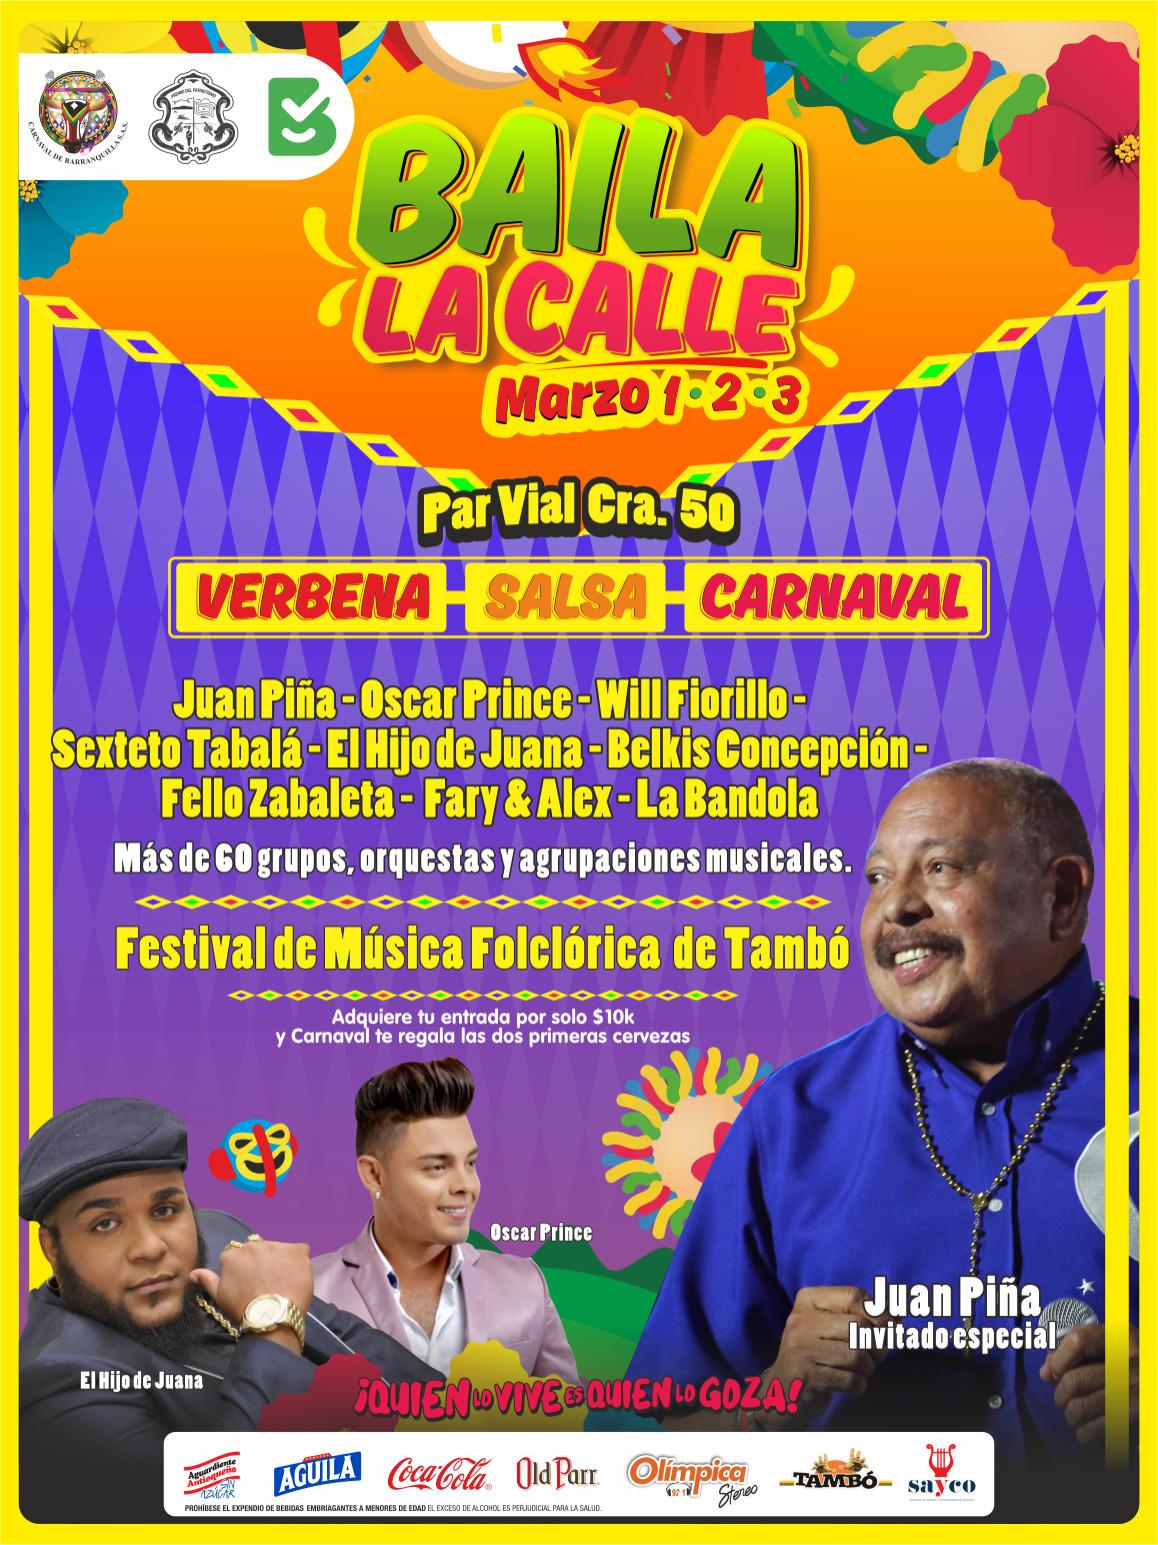 'Baila la Calle' regresa con más música